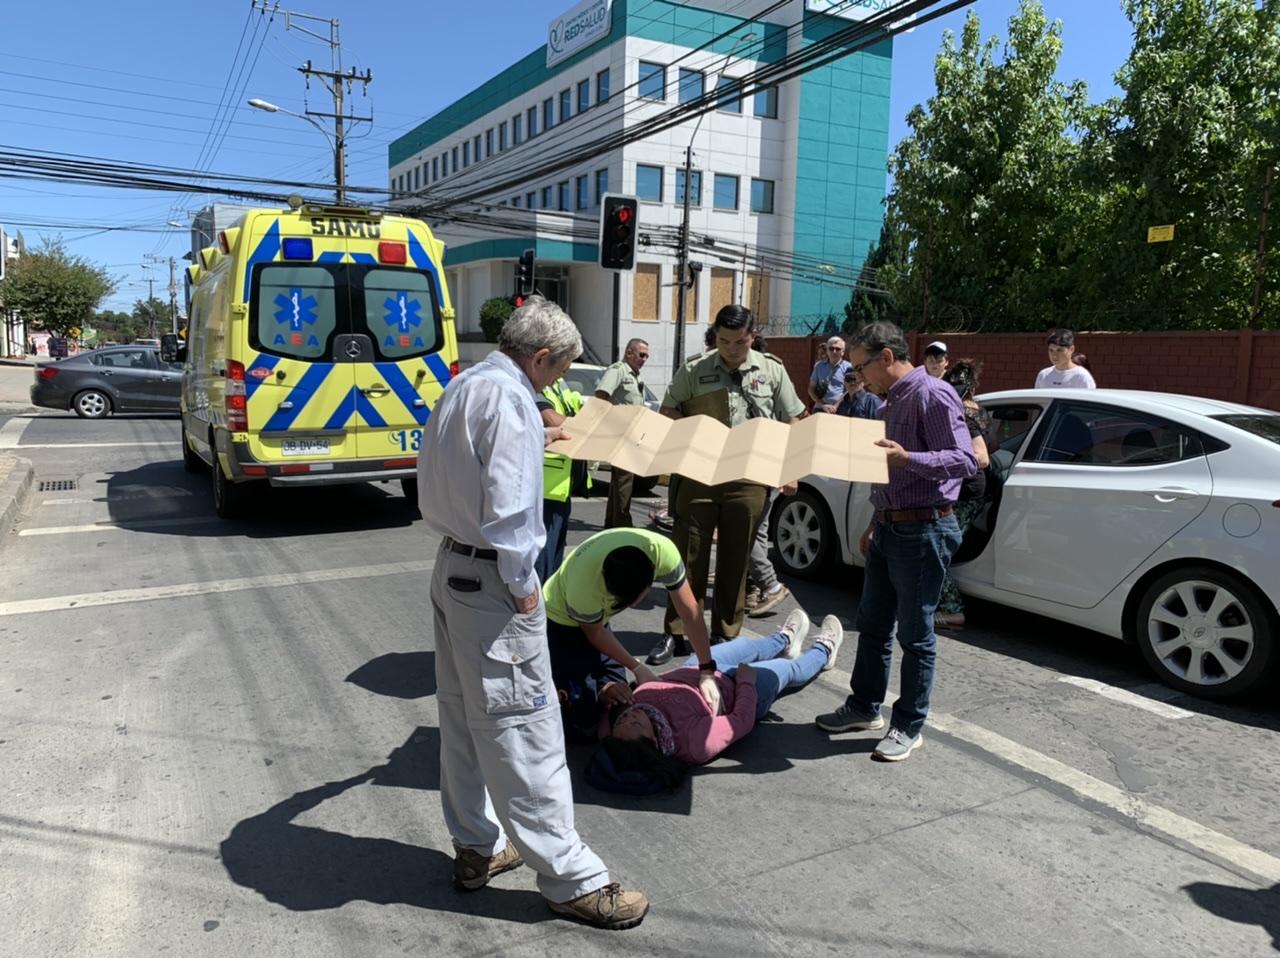 Ciclista resulta lesionada luego que un vehículo estacionado abriera la puerta sorpresivamente